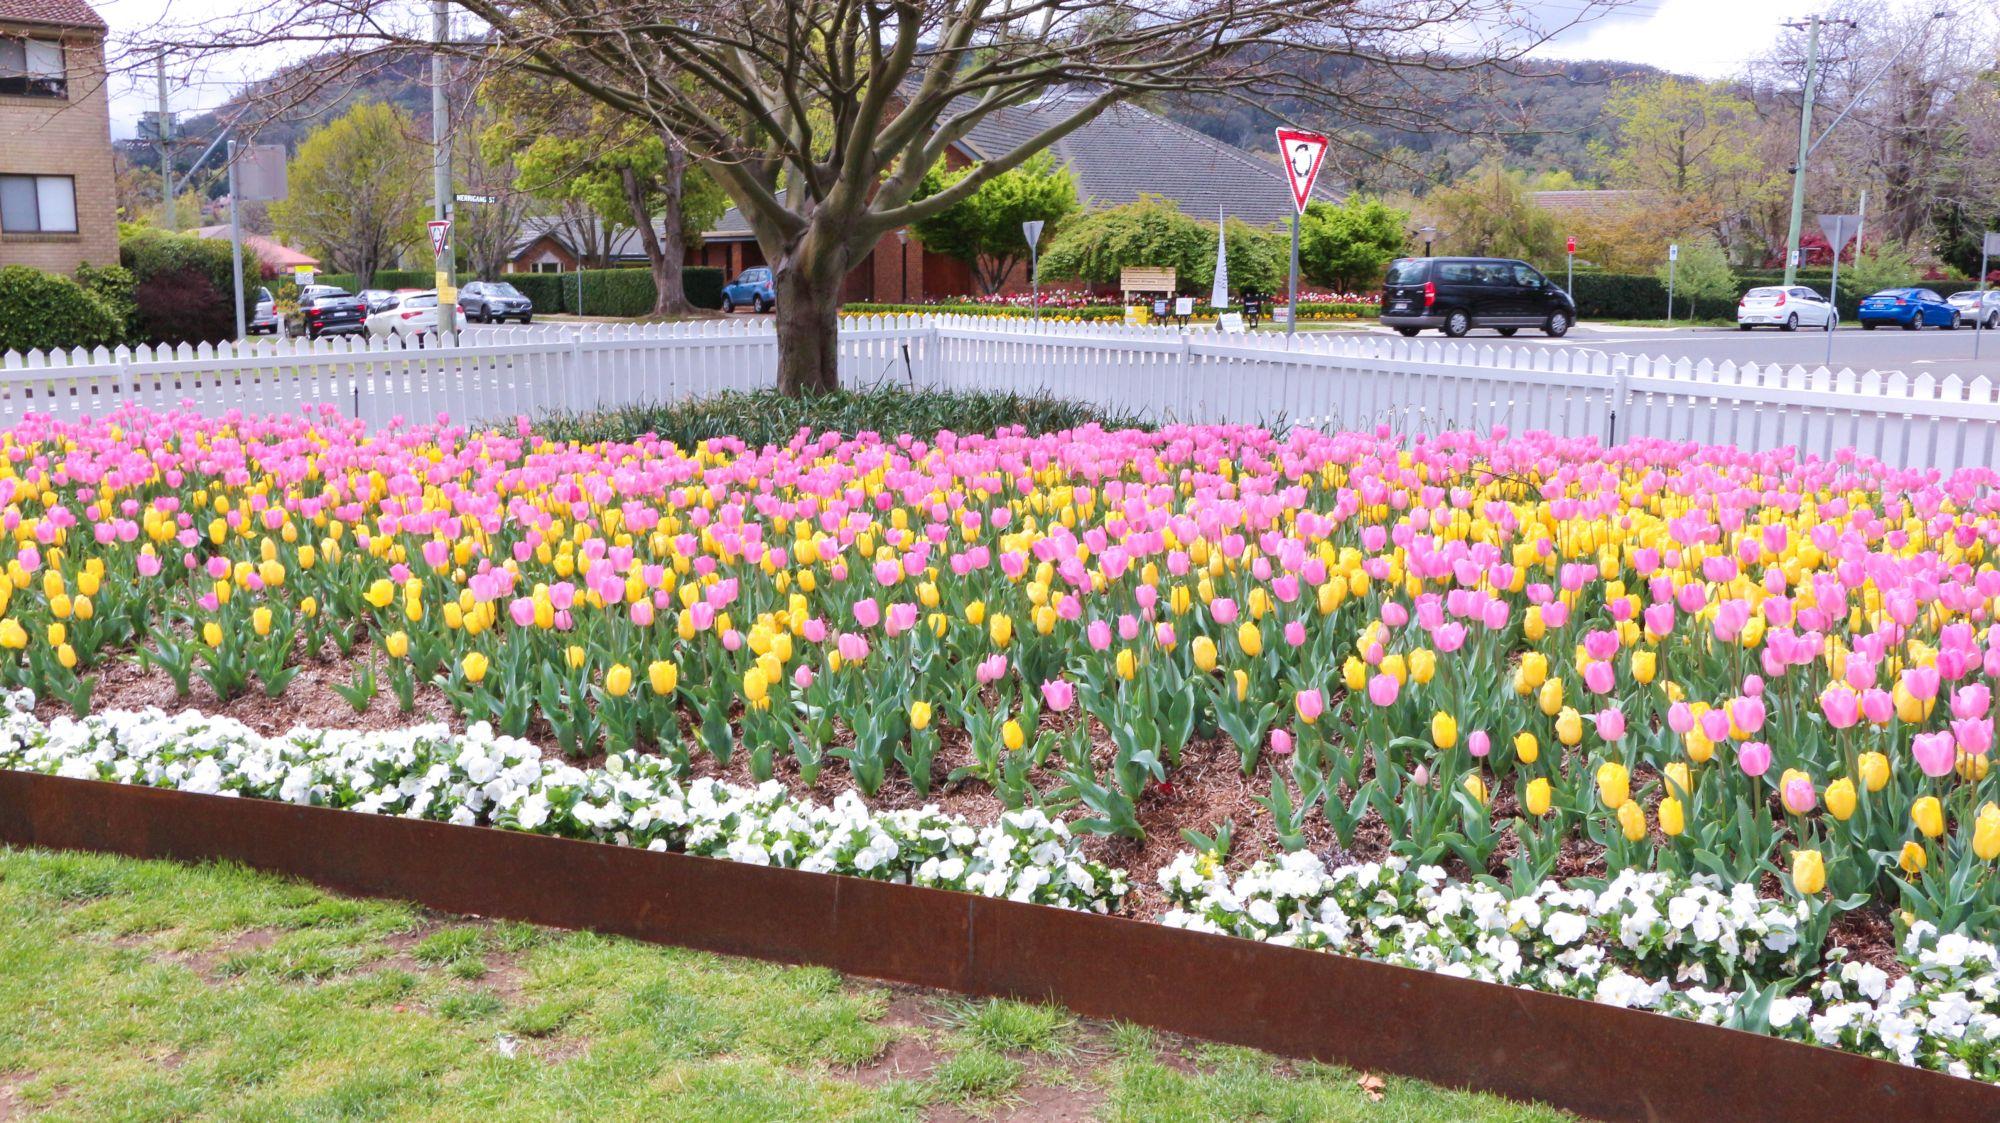 Spring garden festival